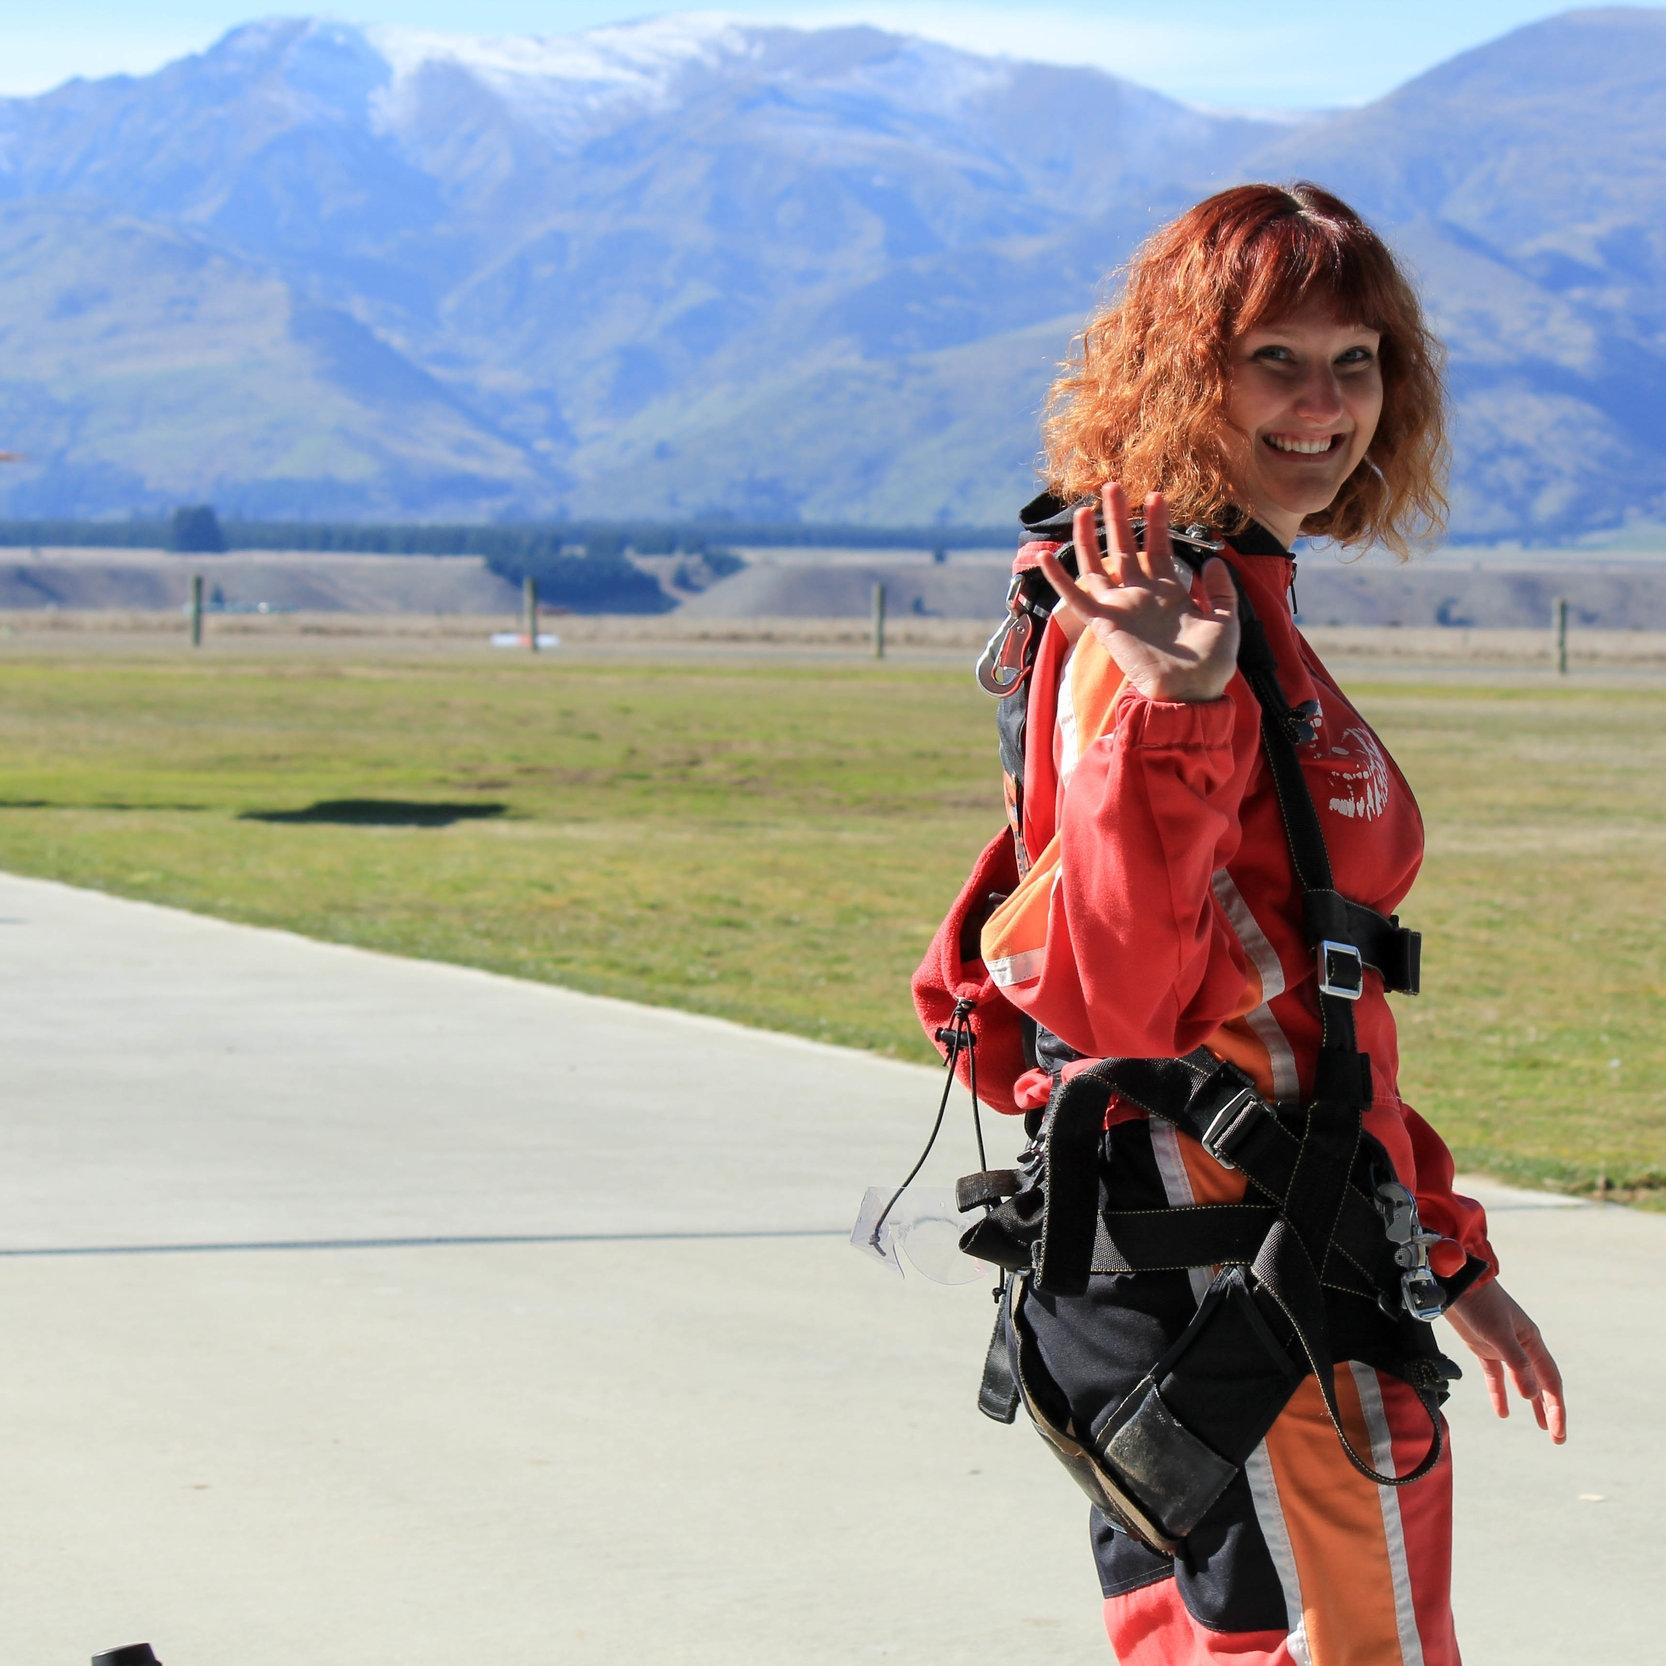 Skydiving Wanaka, New Zealand